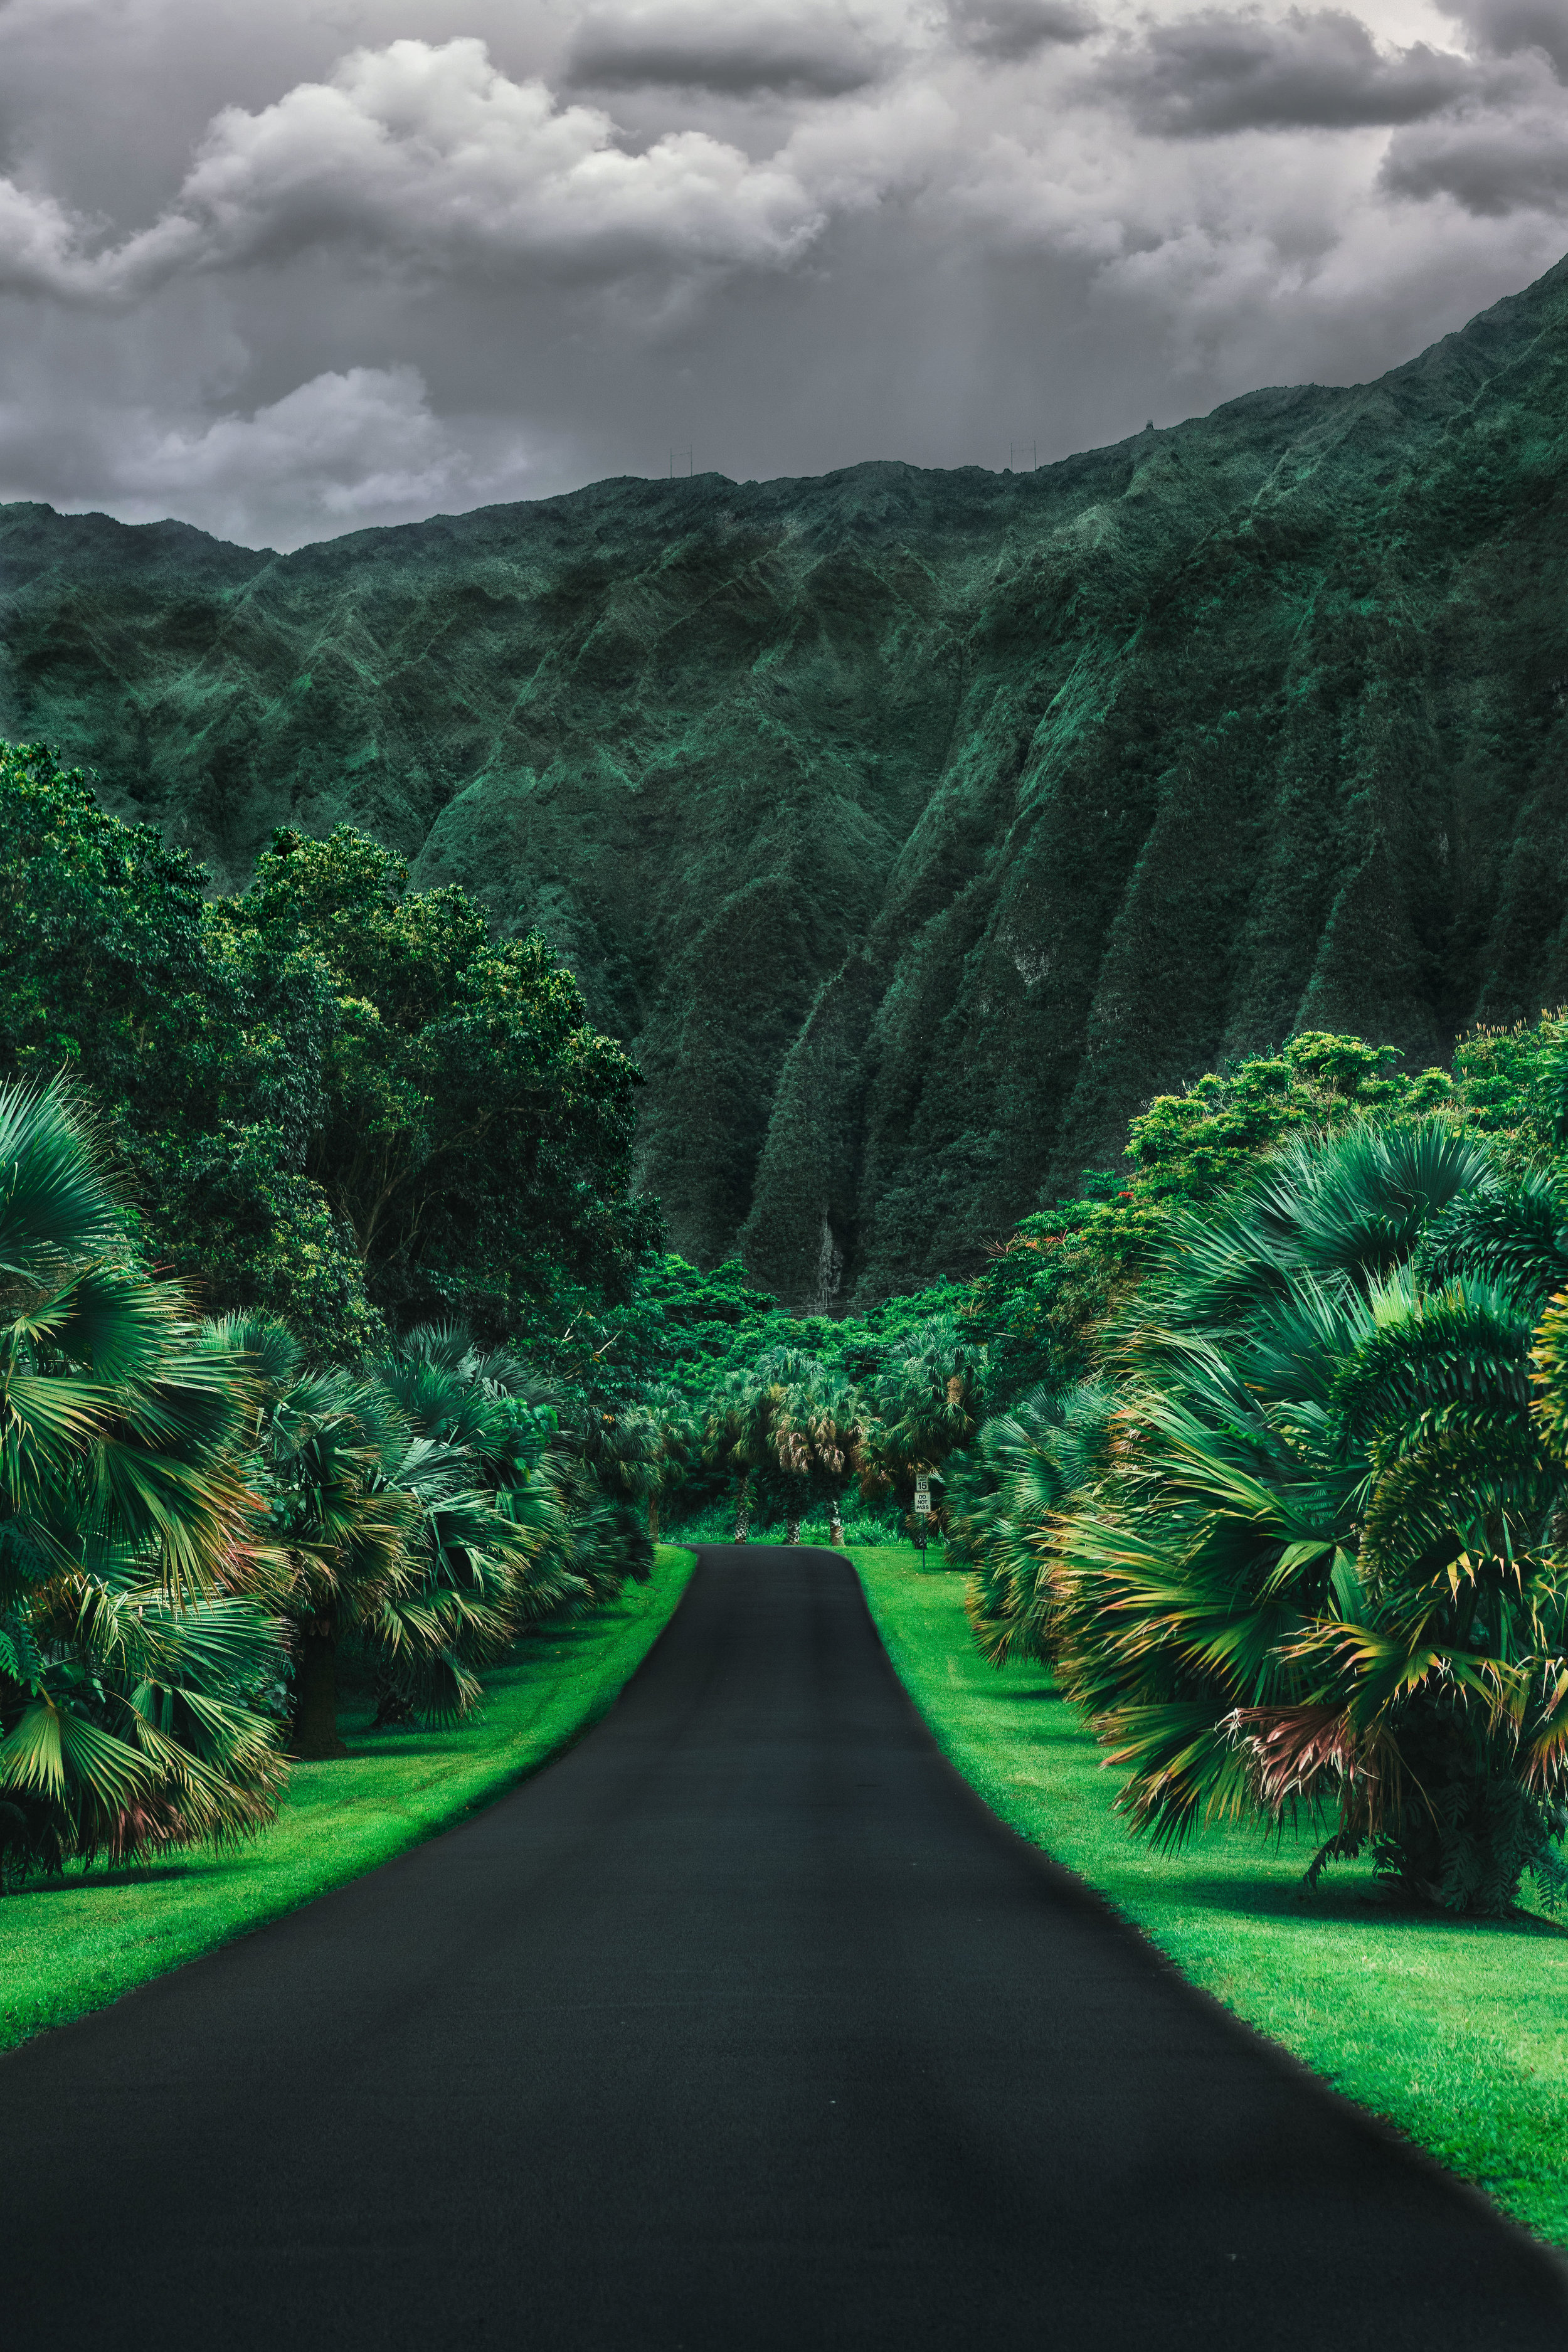 @nealkharawala - Oahu, Hawaii